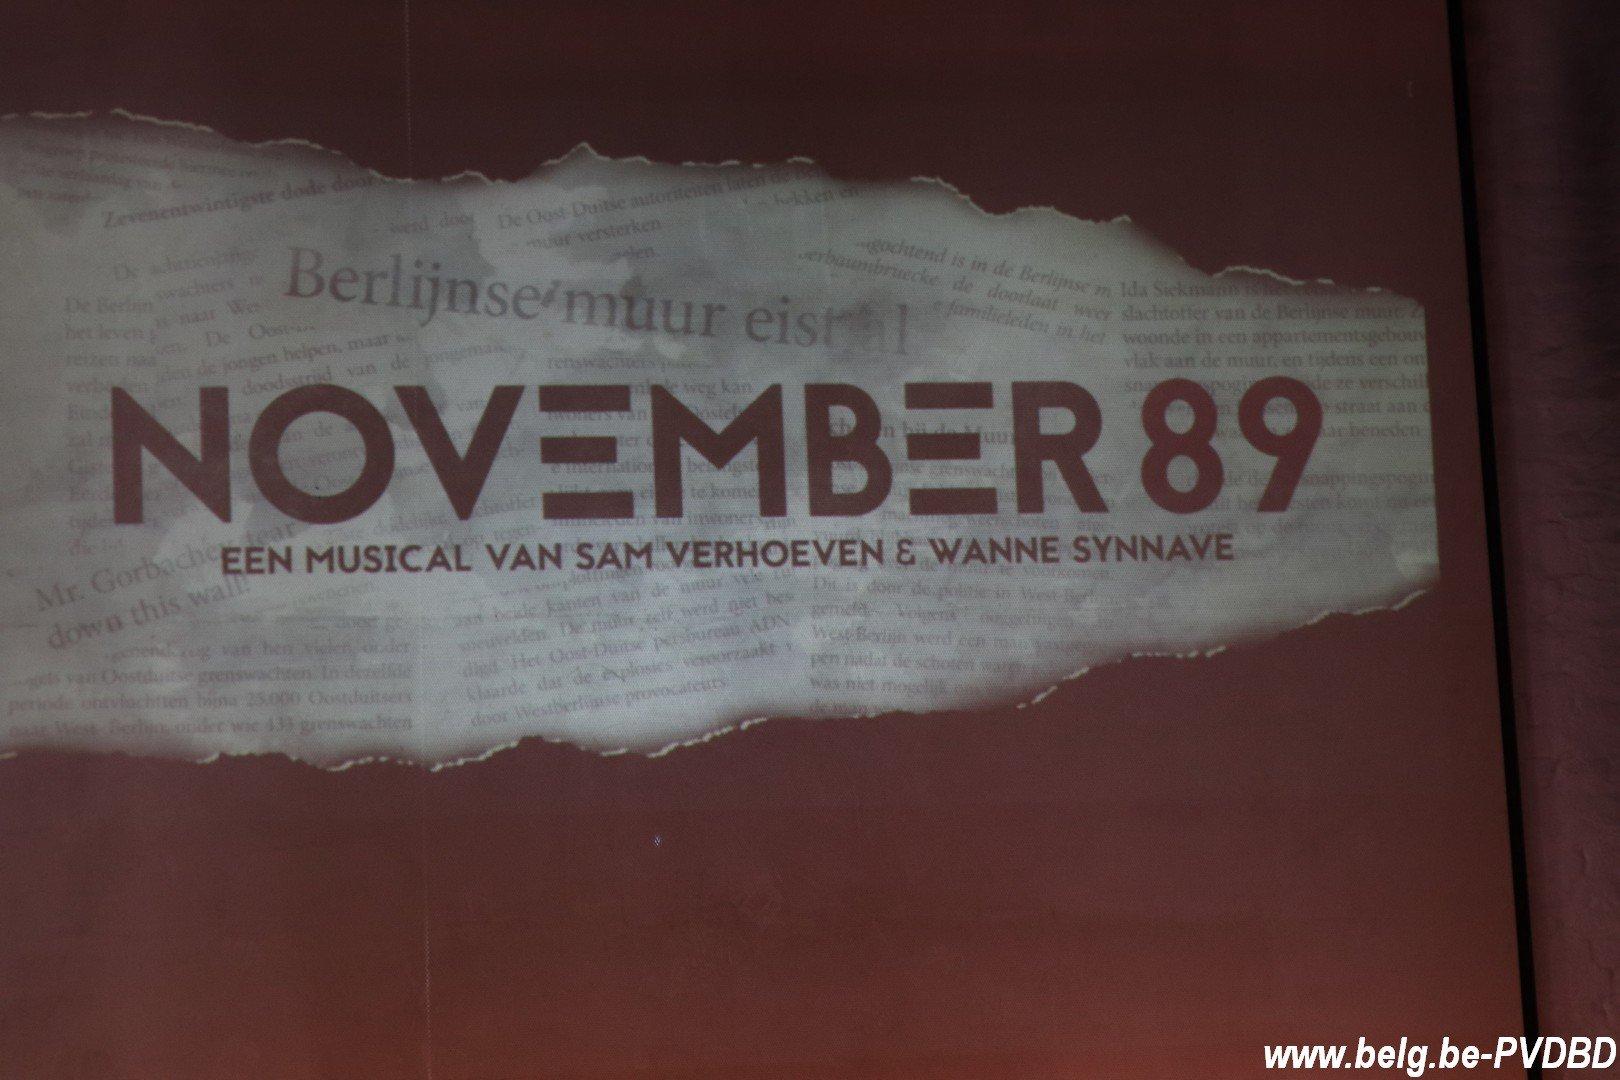 'November 89' spraakmakende musical over het leven achter de Berlijnse Muur - IMG 1079